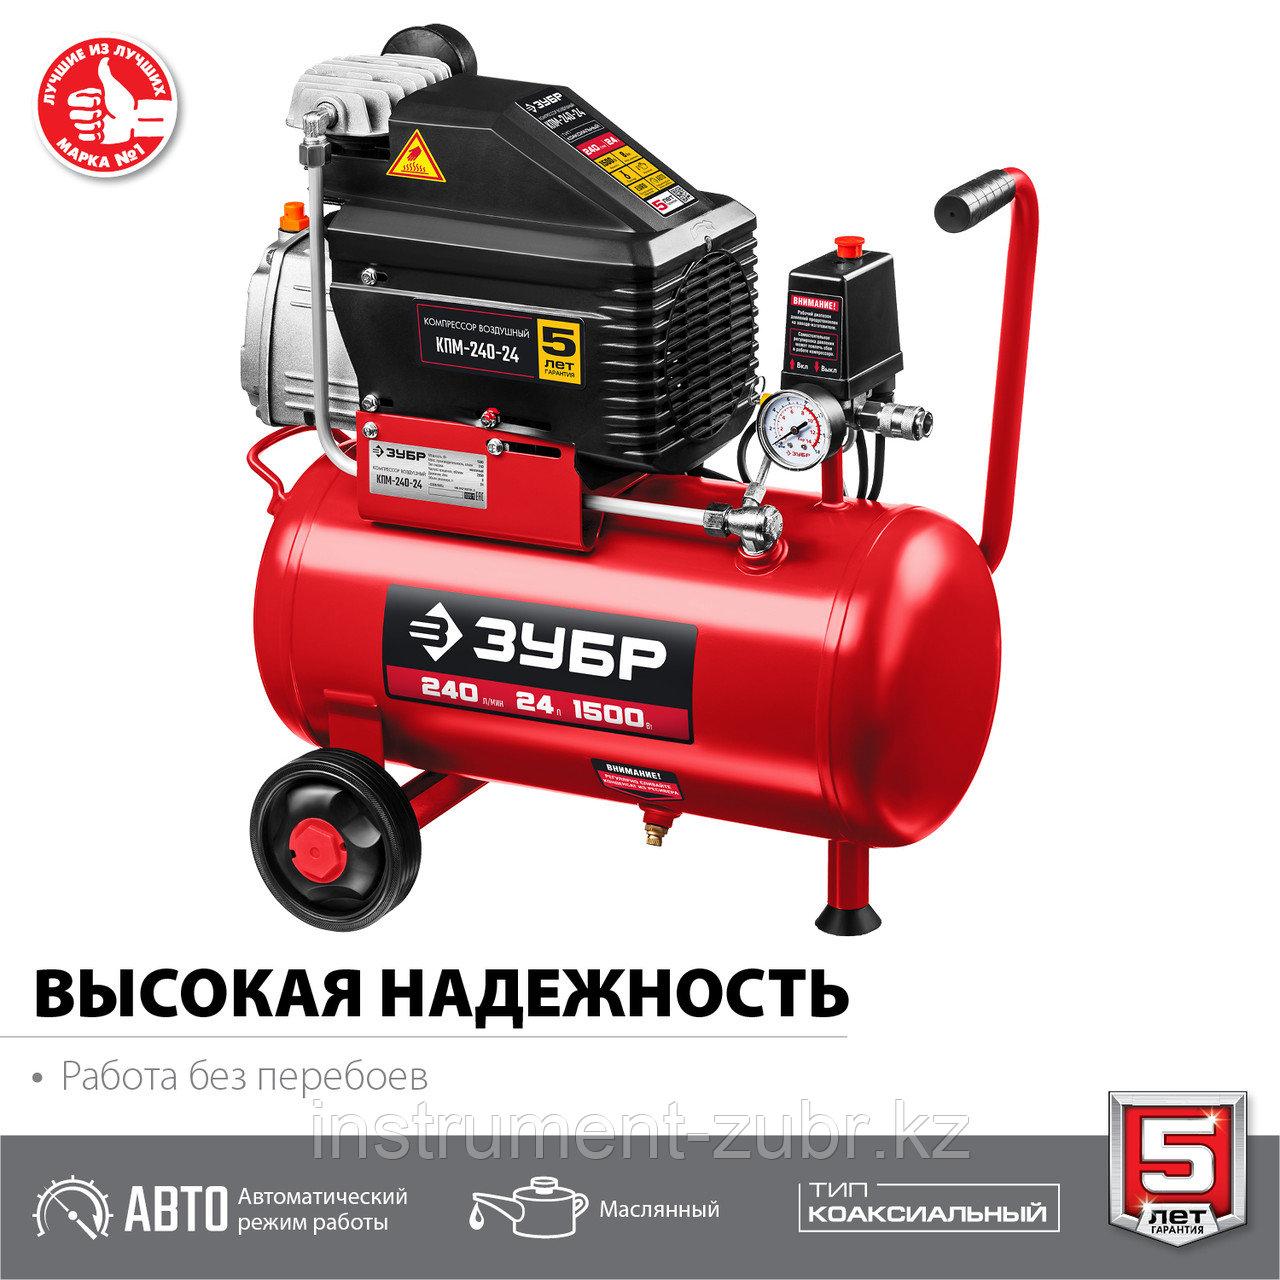 Компрессор воздушный, 240 л/мин, 24 л, 1500 Вт, ЗУБР - фото 4